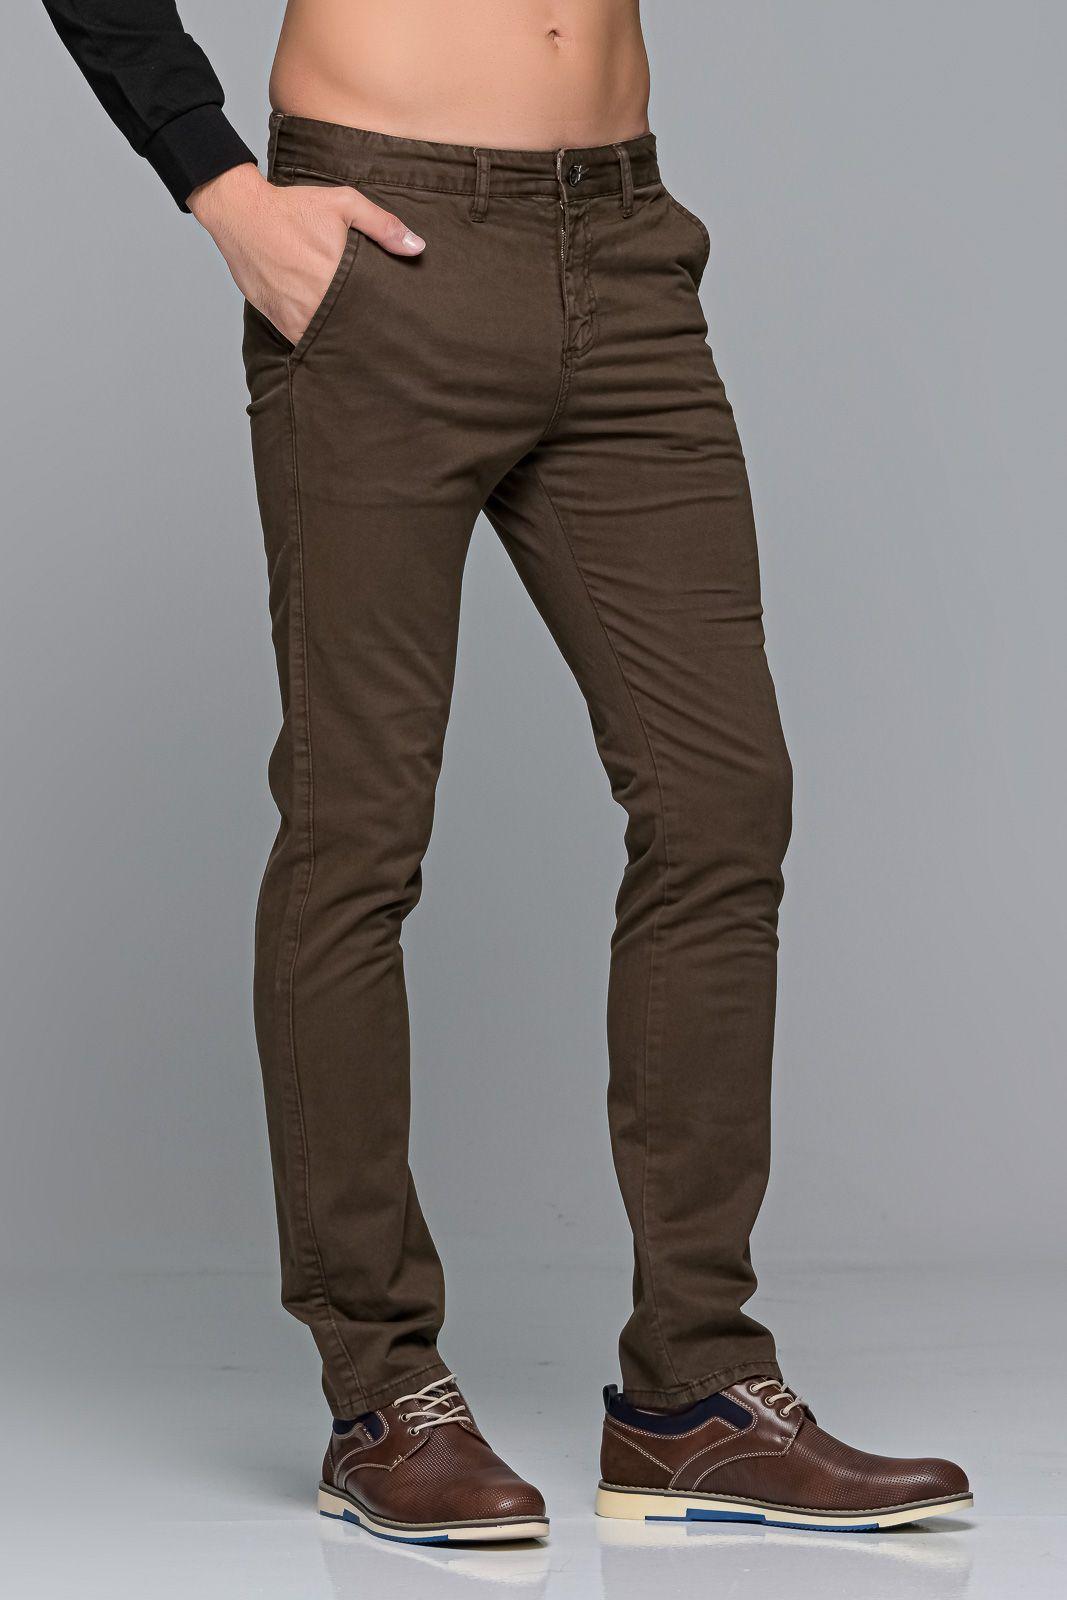 Καφέ ανδρικό παντελόνι chino υφασμάτινο MASSARO - Slim fit